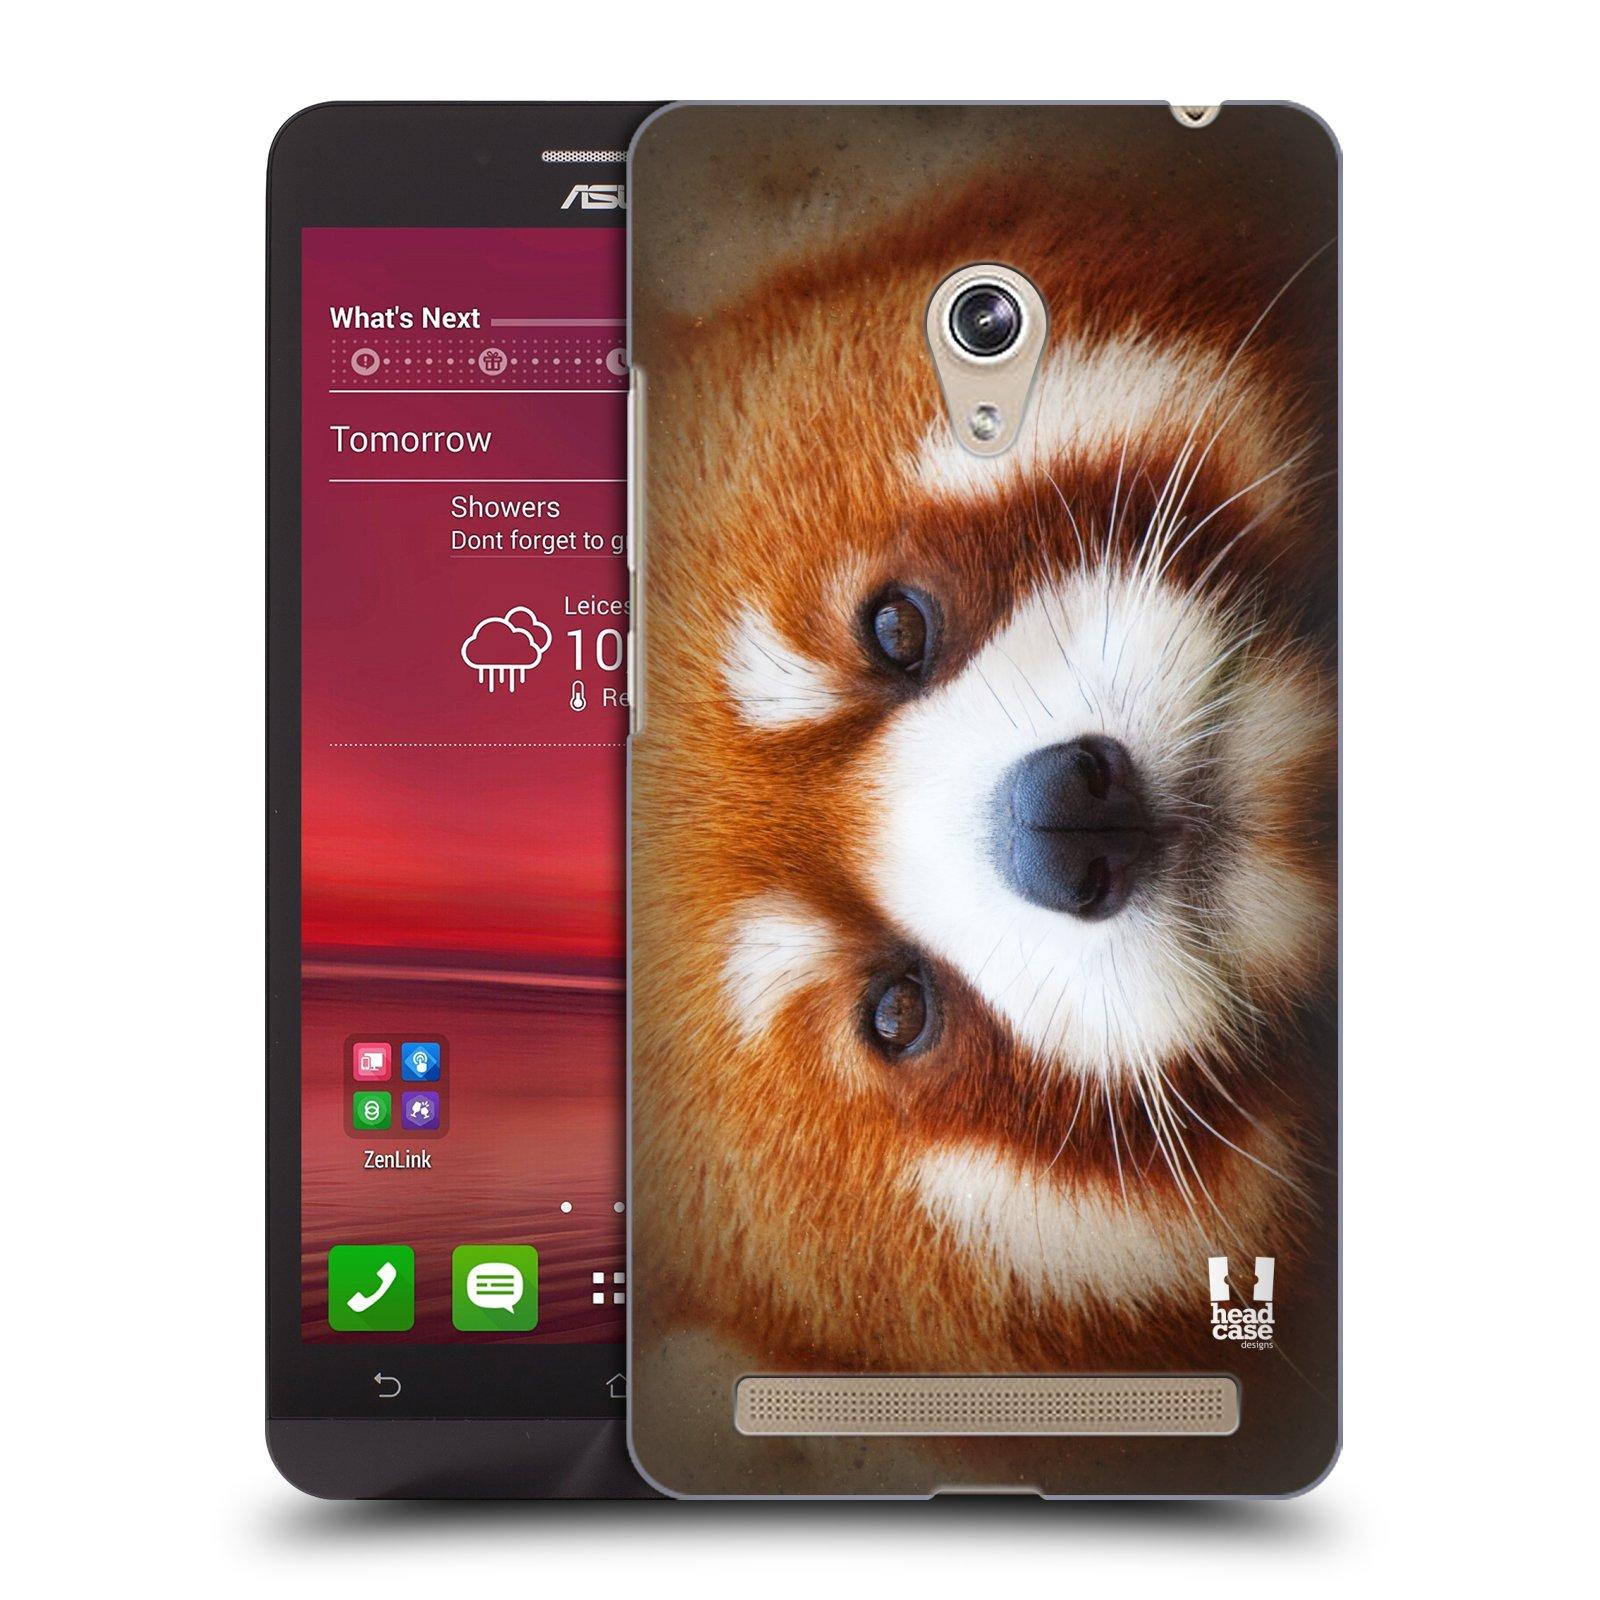 HEAD CASE plastový obal na mobil Asus Zenfone 6 vzor Zvířecí tváře 2 medvěd panda rudá